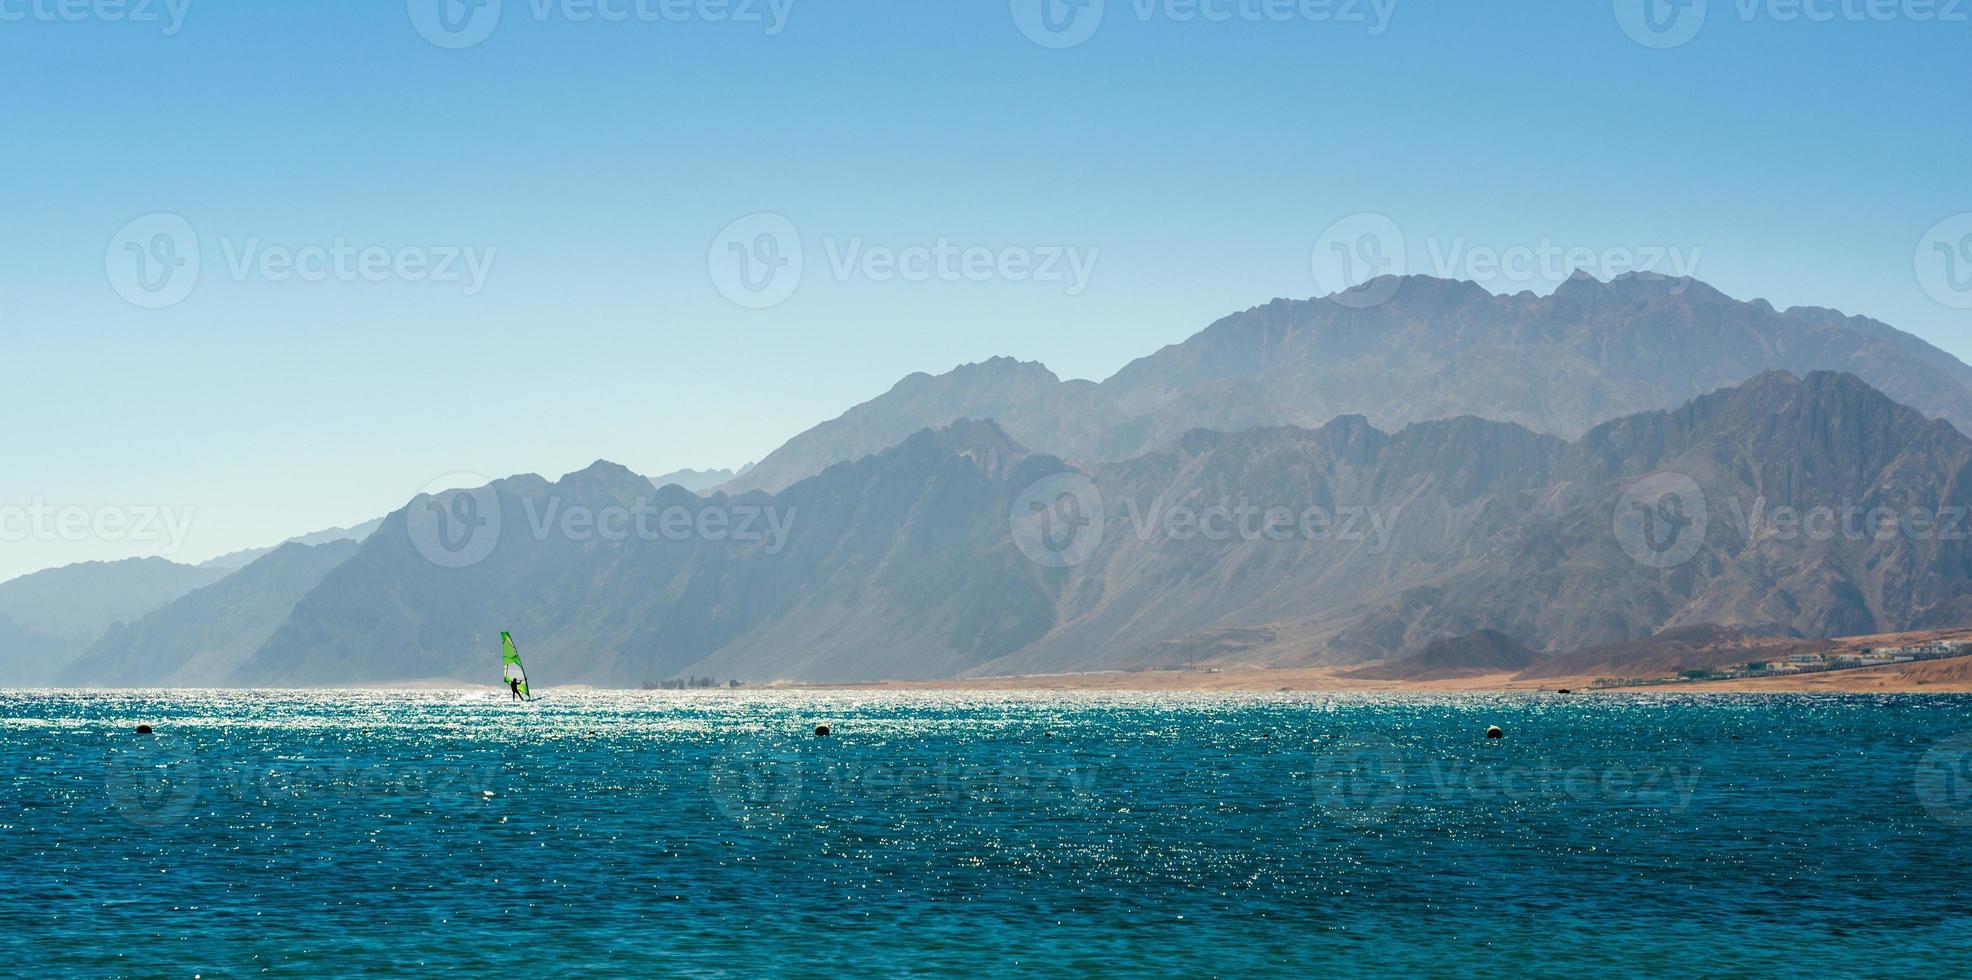 rotsachtige bergen in de buurt van de zee foto